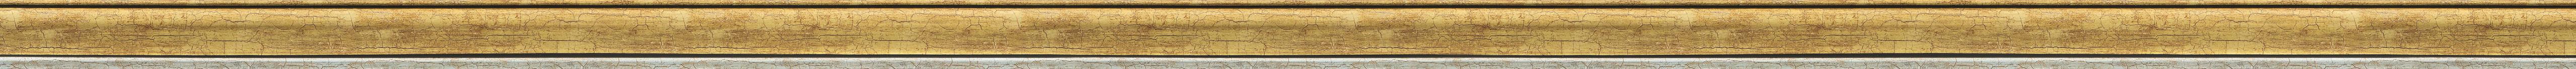 Cracked gold frame frame